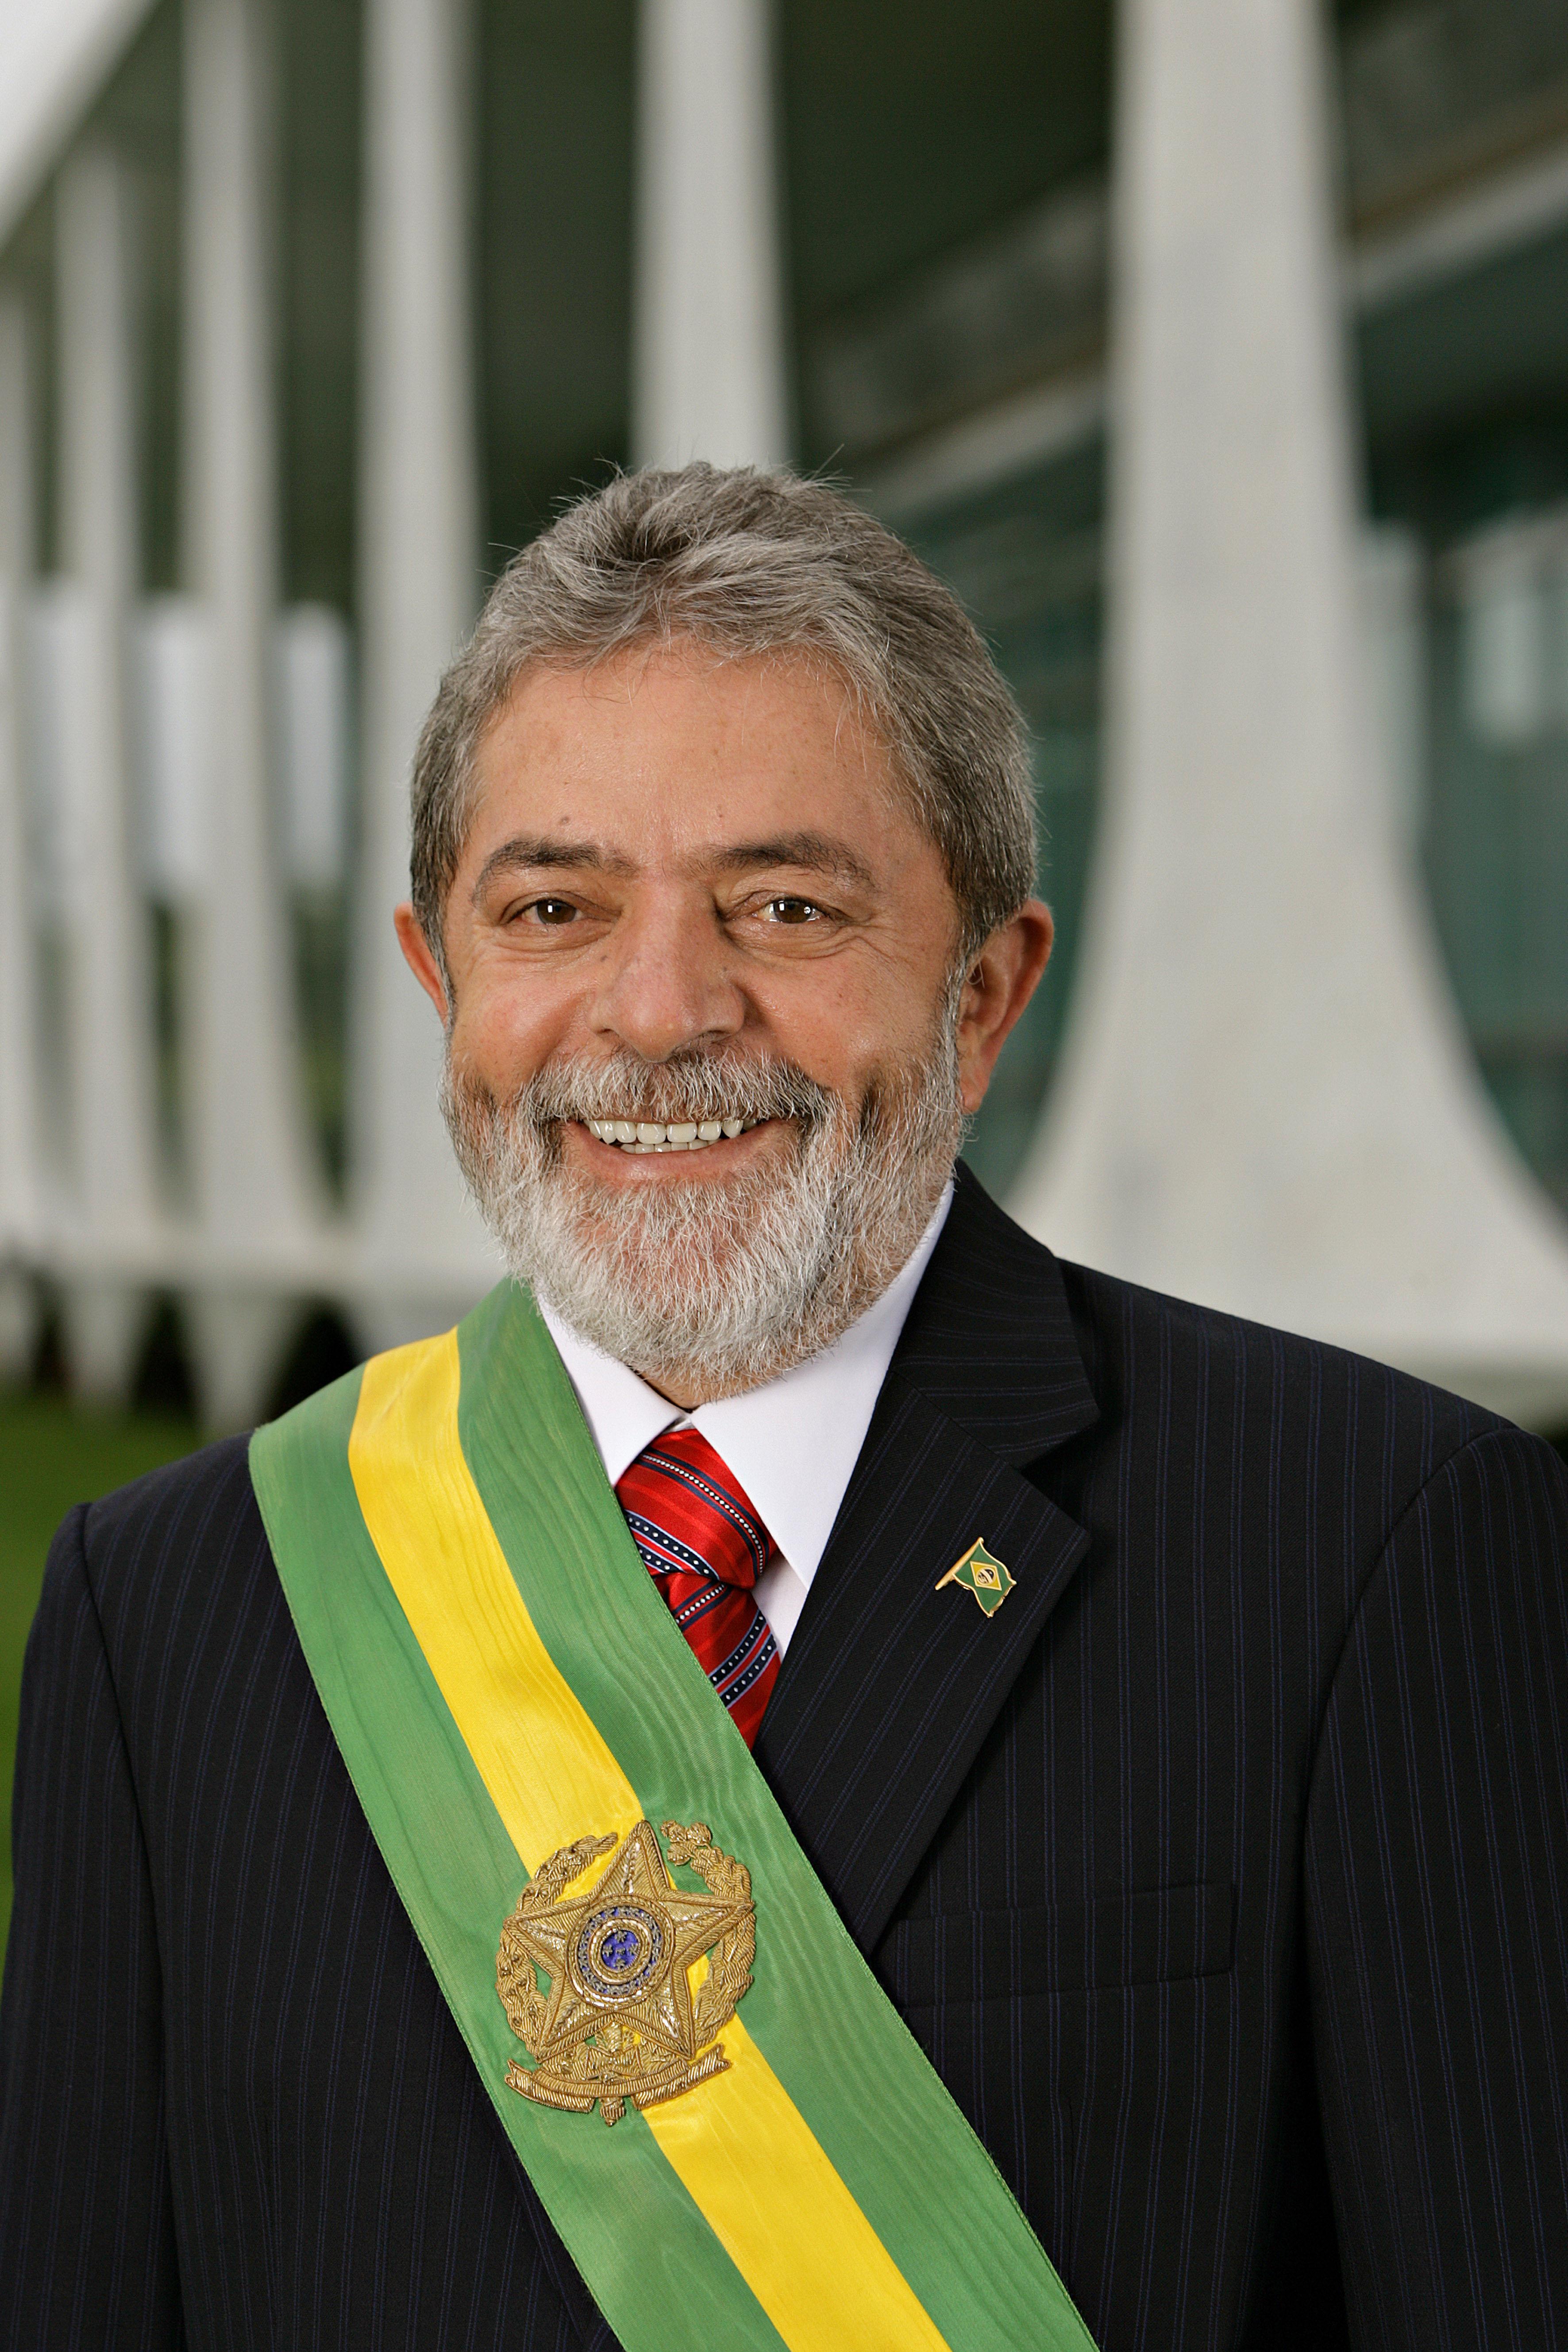 Veja o que saiu no Migalhas sobre Luiz Inácio Lula da Silva